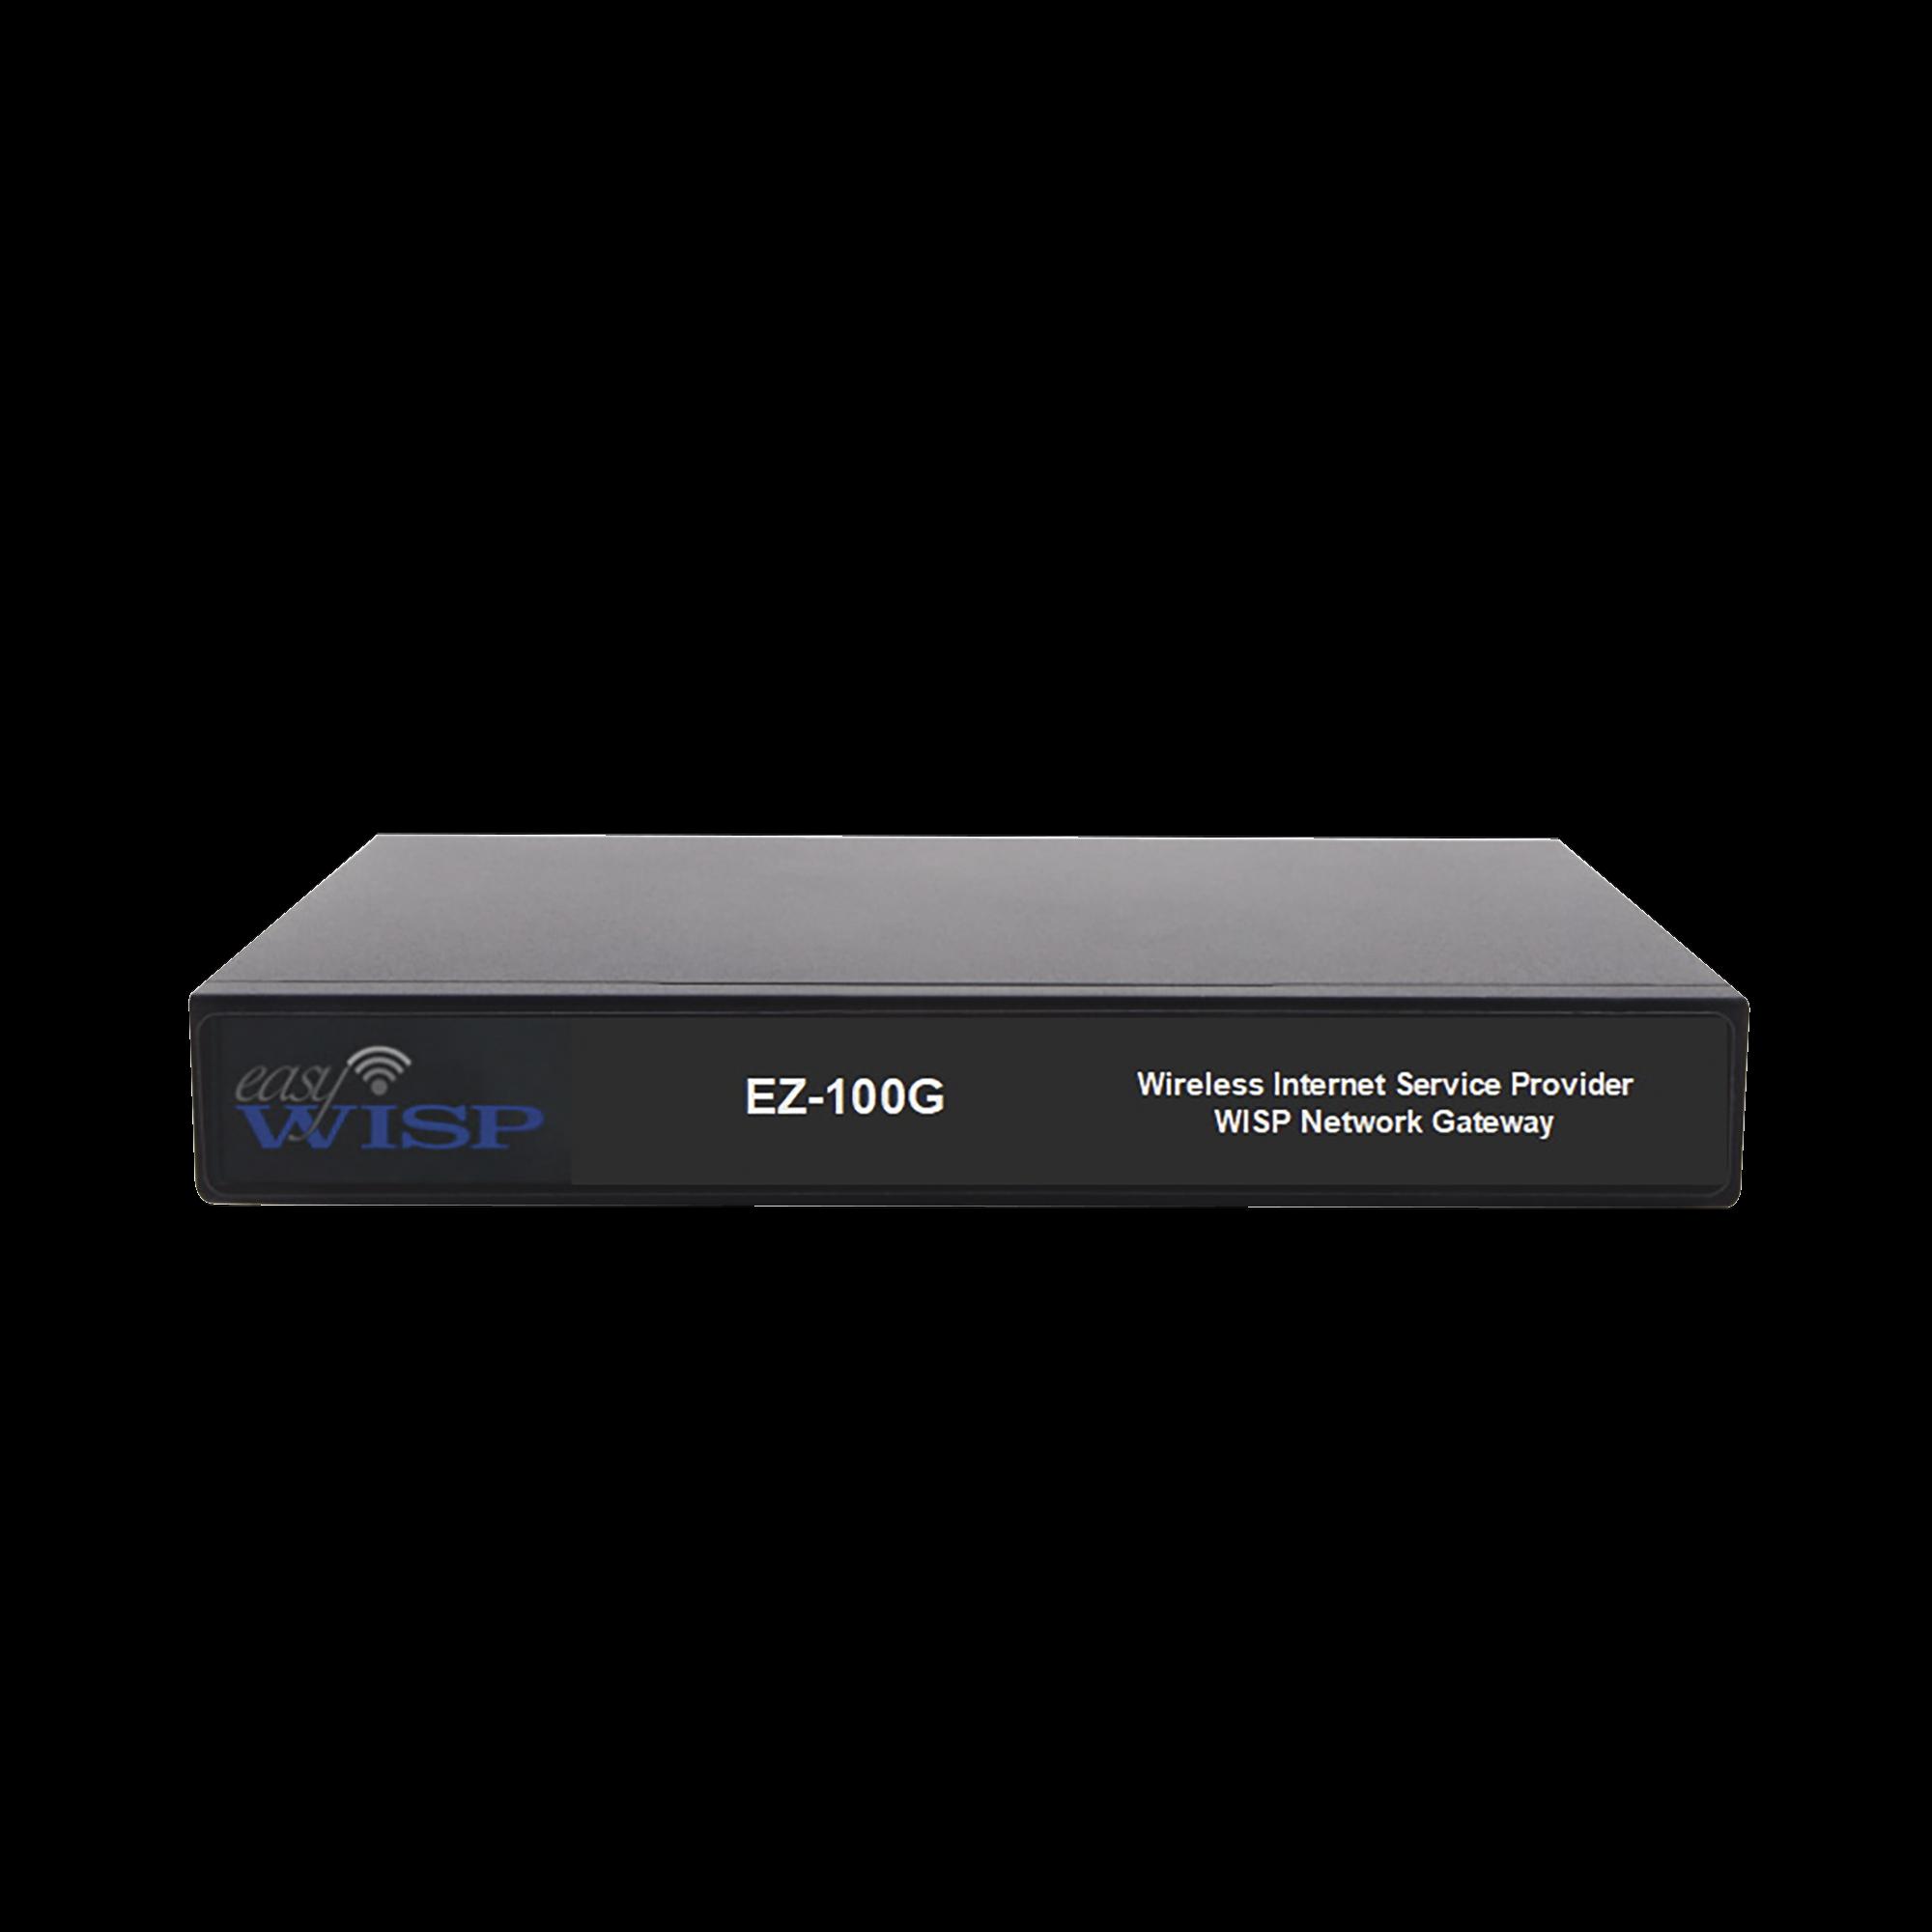 Sistema de administración integral de WISP con un rendimiento hasta 100Mb/s